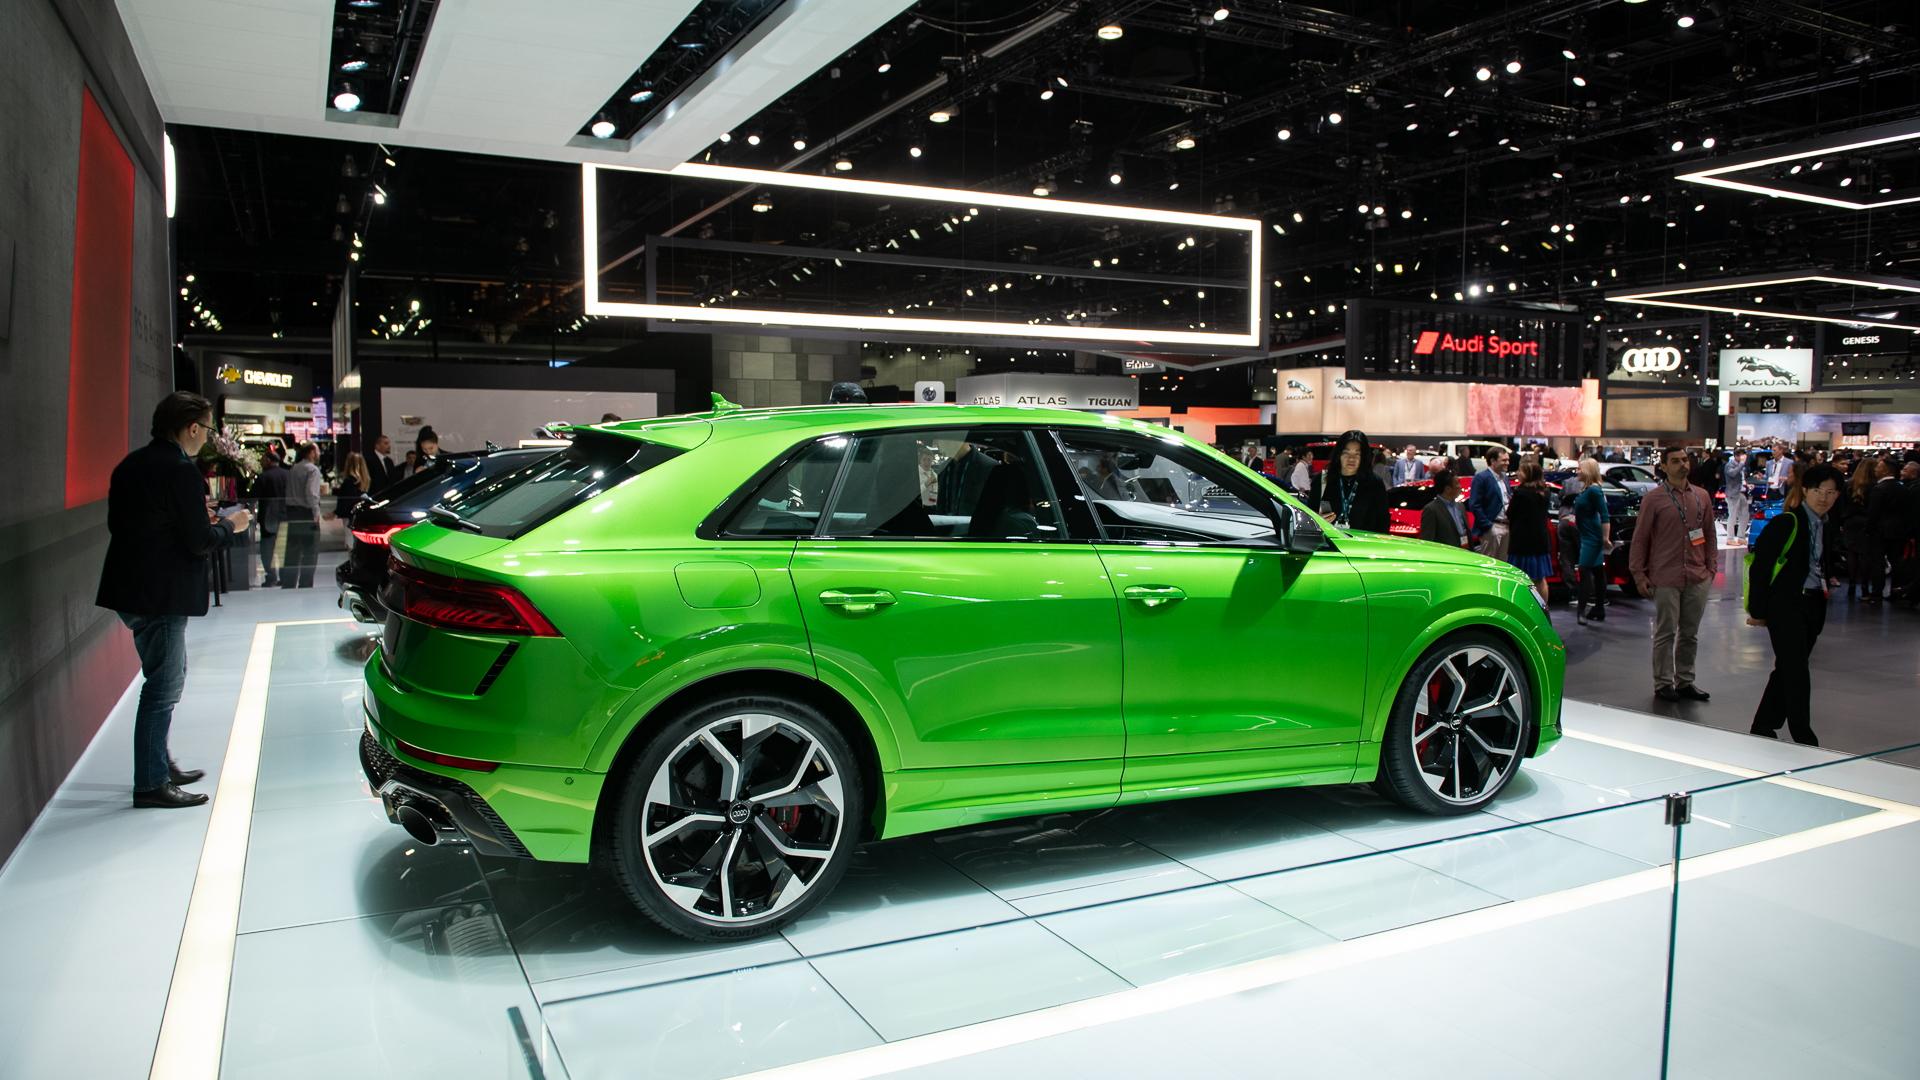 2020 Audi RS Q8, 2019 LA Auto Show